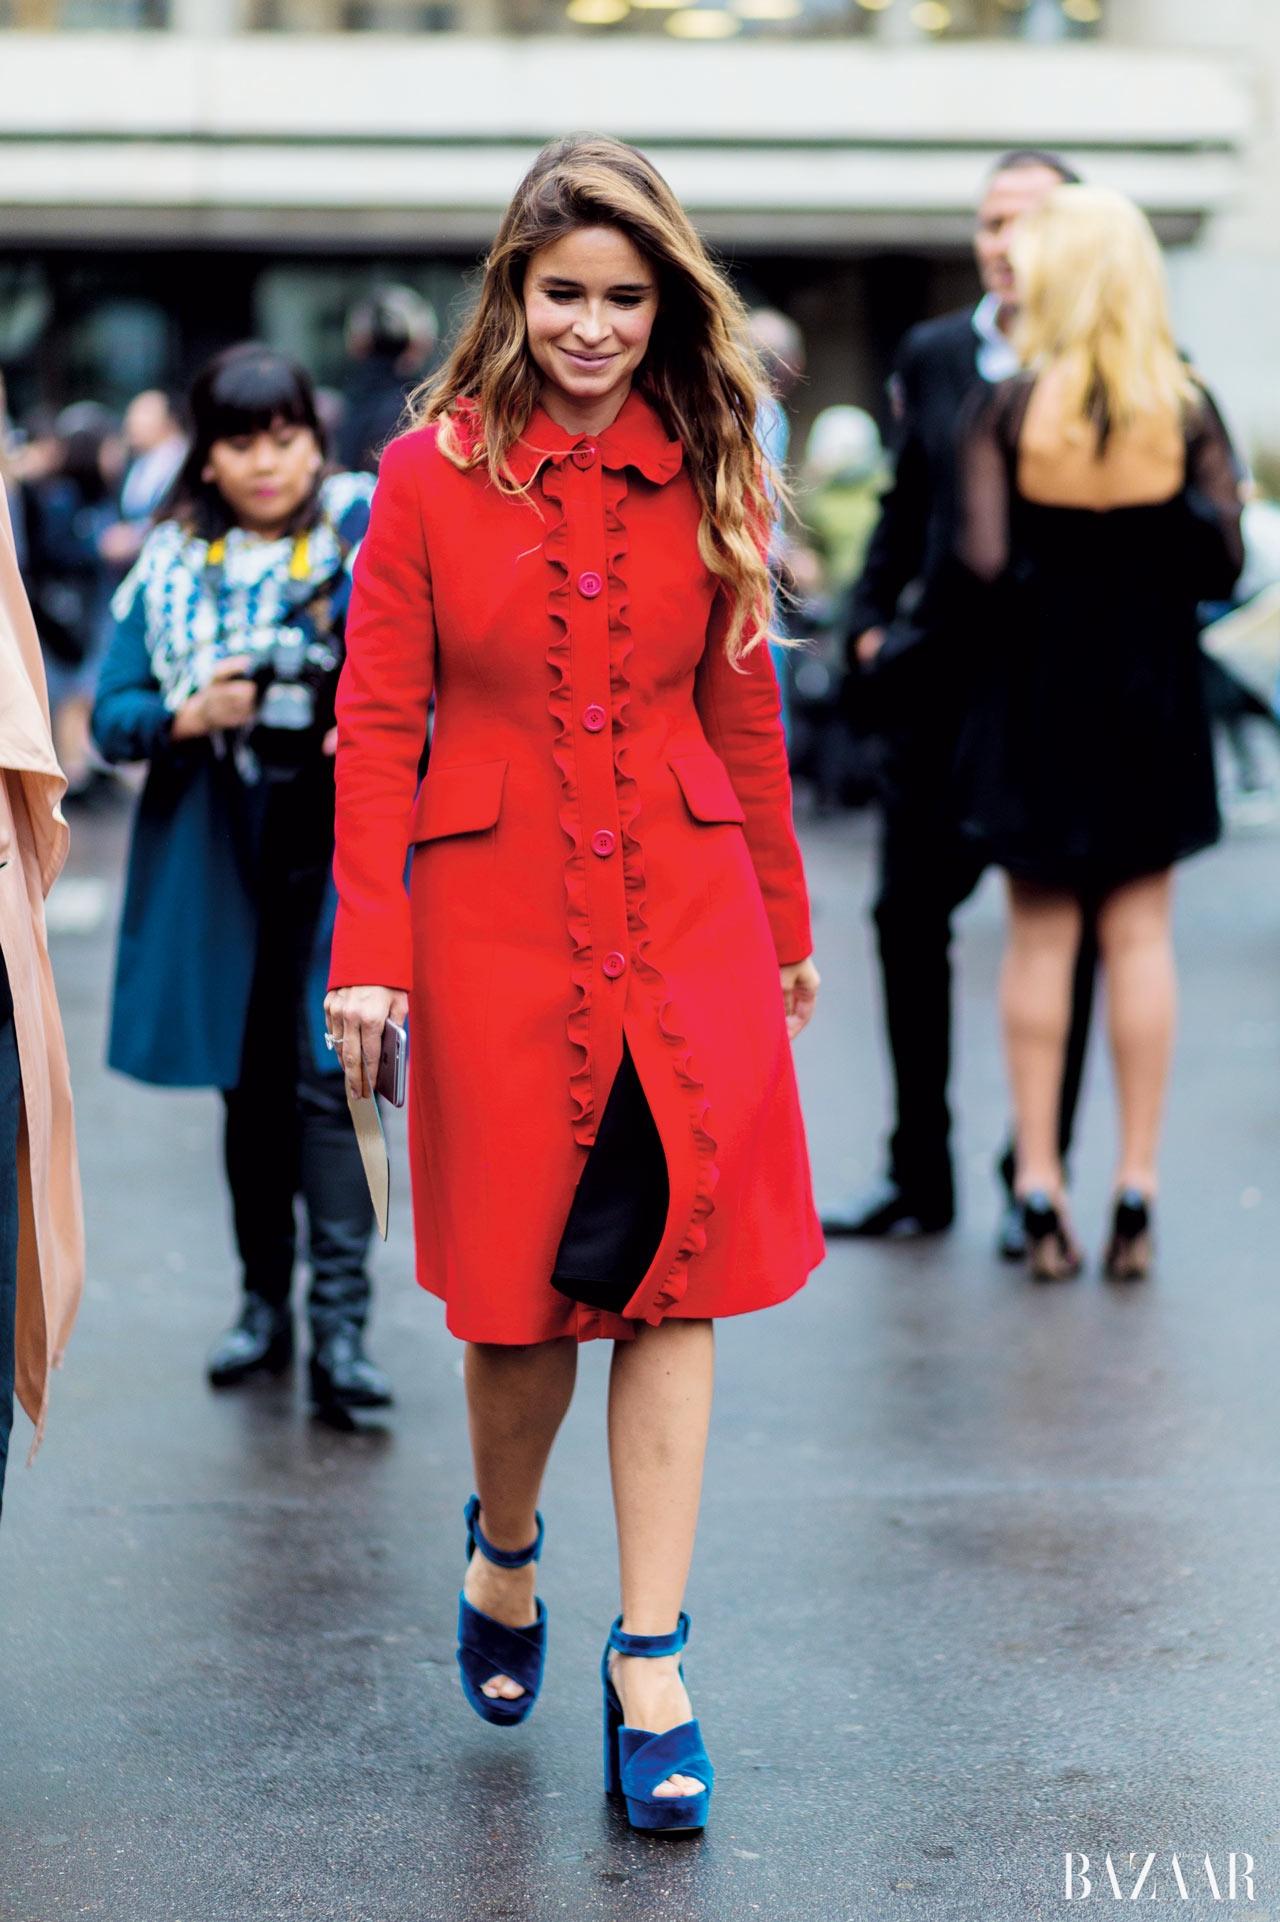 팝한 레드  컬러에 프릴  장식이 돋보이는  코트를 입은  미로슬라바 듀마